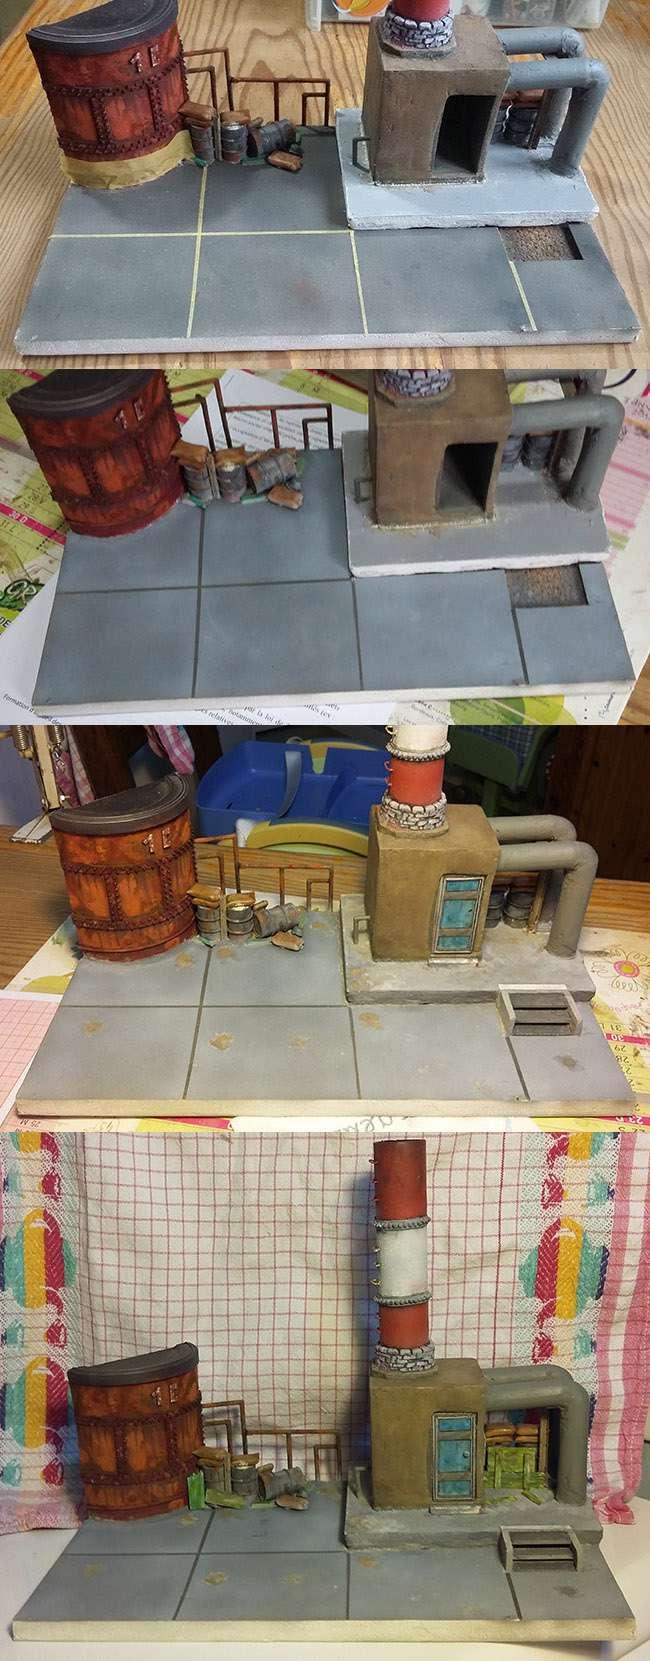 Combat à l'usine désaffectée              Tamiya/Dragon/Vulcain/MENG/Scratch 1/35   16021617